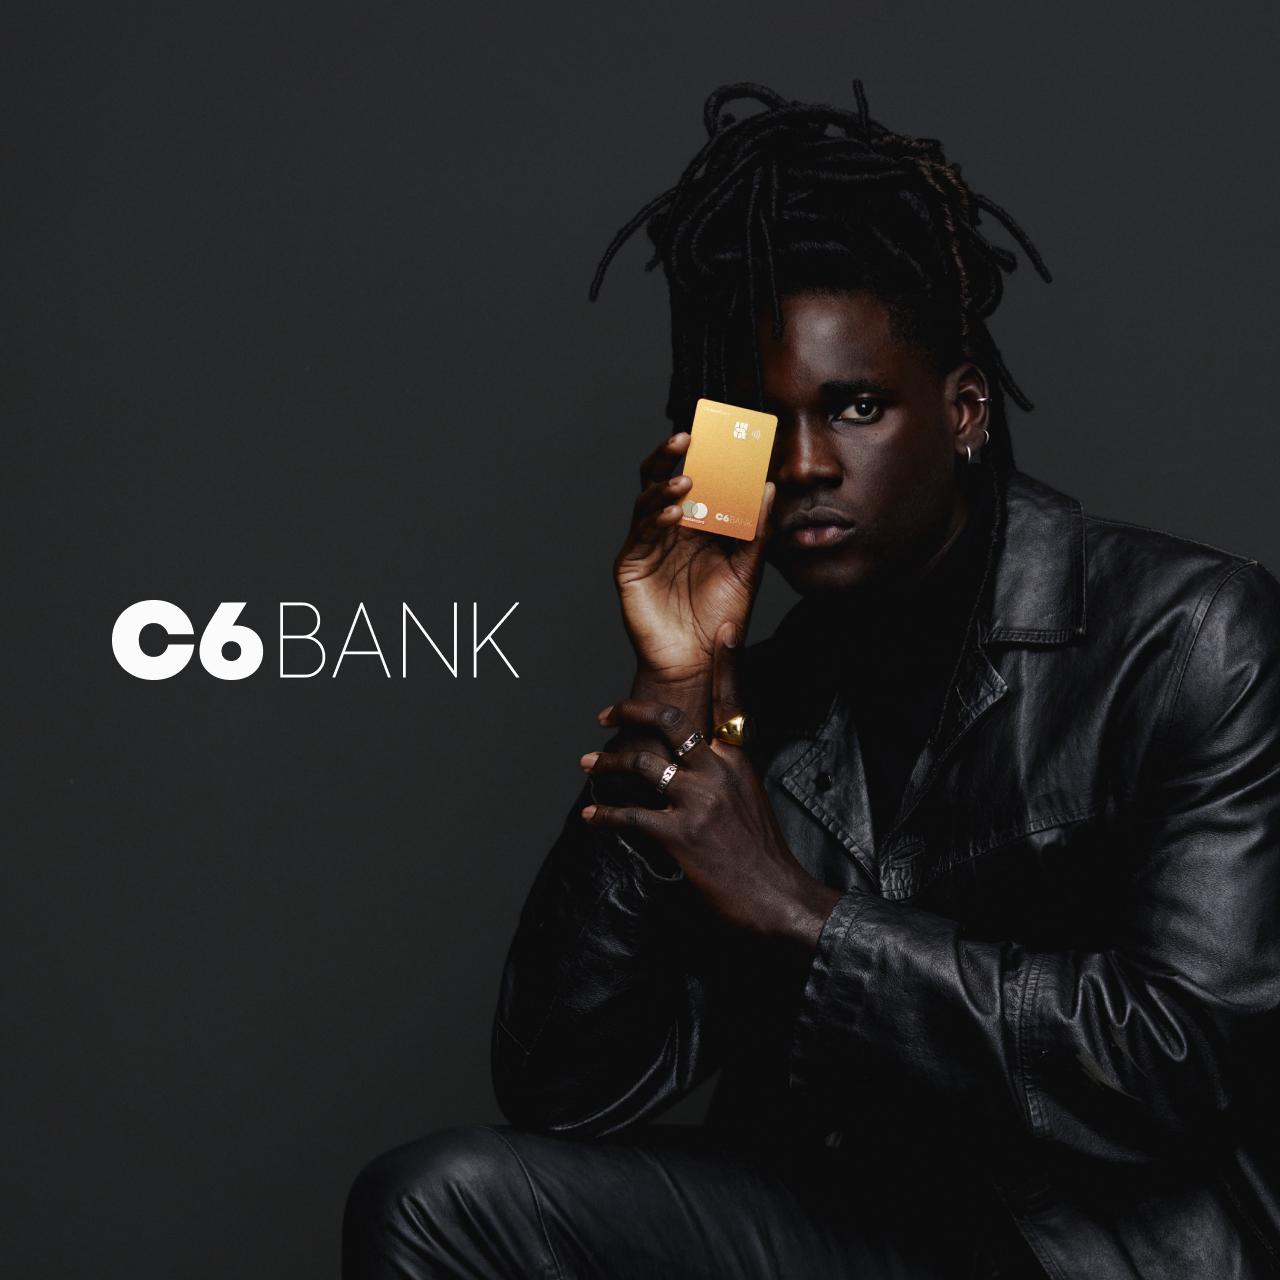 Banco com Conta Digital, Cartão sem tarifas e mais | C6 Bank